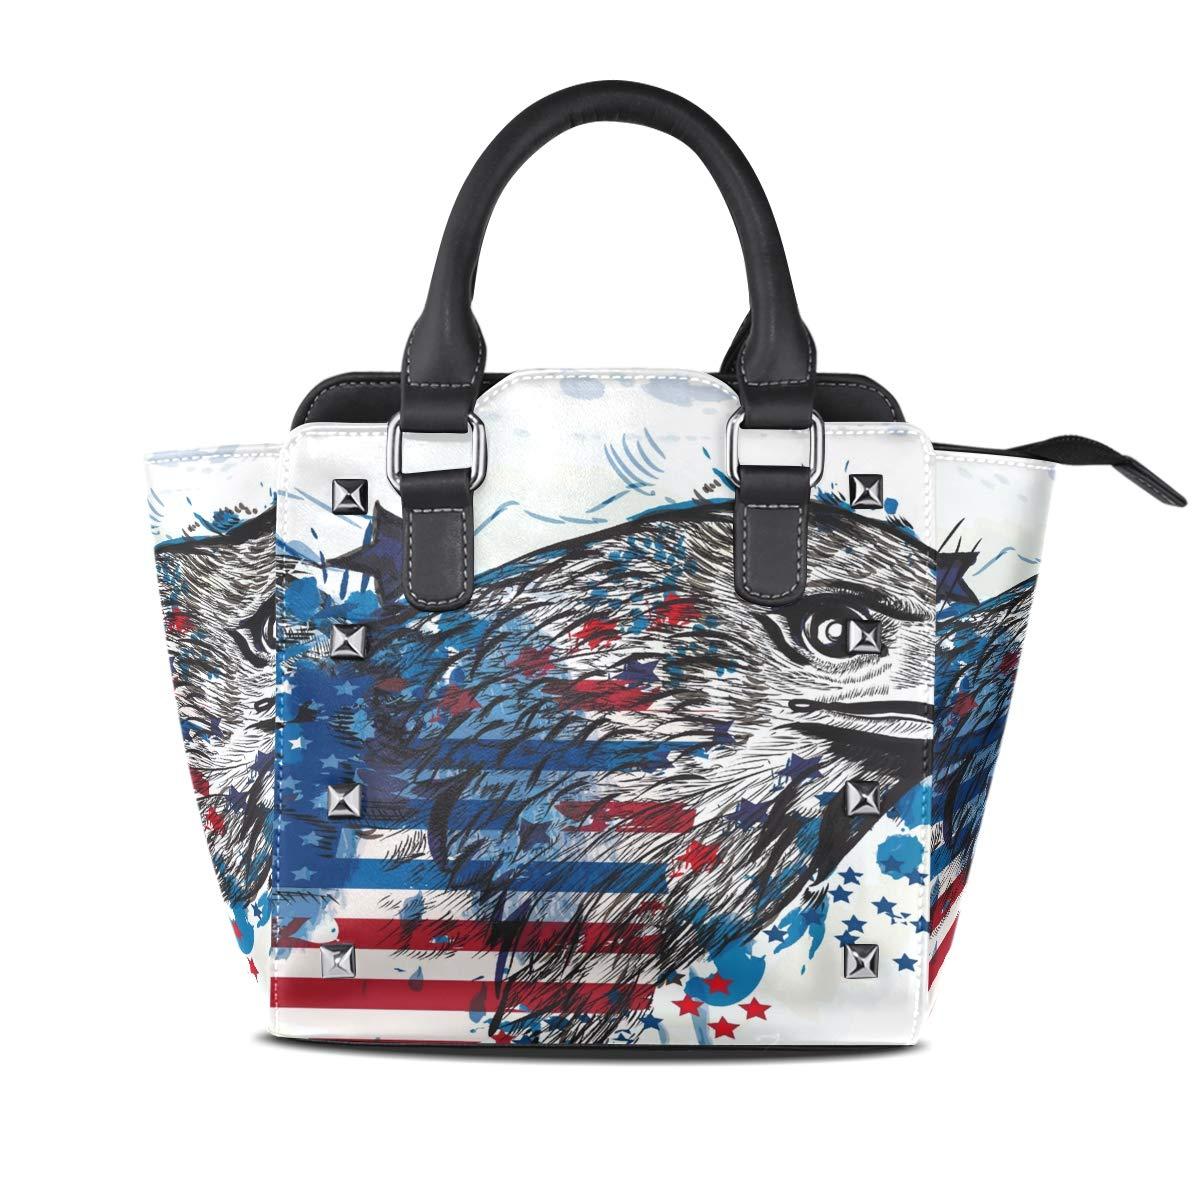 Design1 Handbag Eagle Genuine Leather Tote Rivet Bag Shoulder Strap Top Handle Women